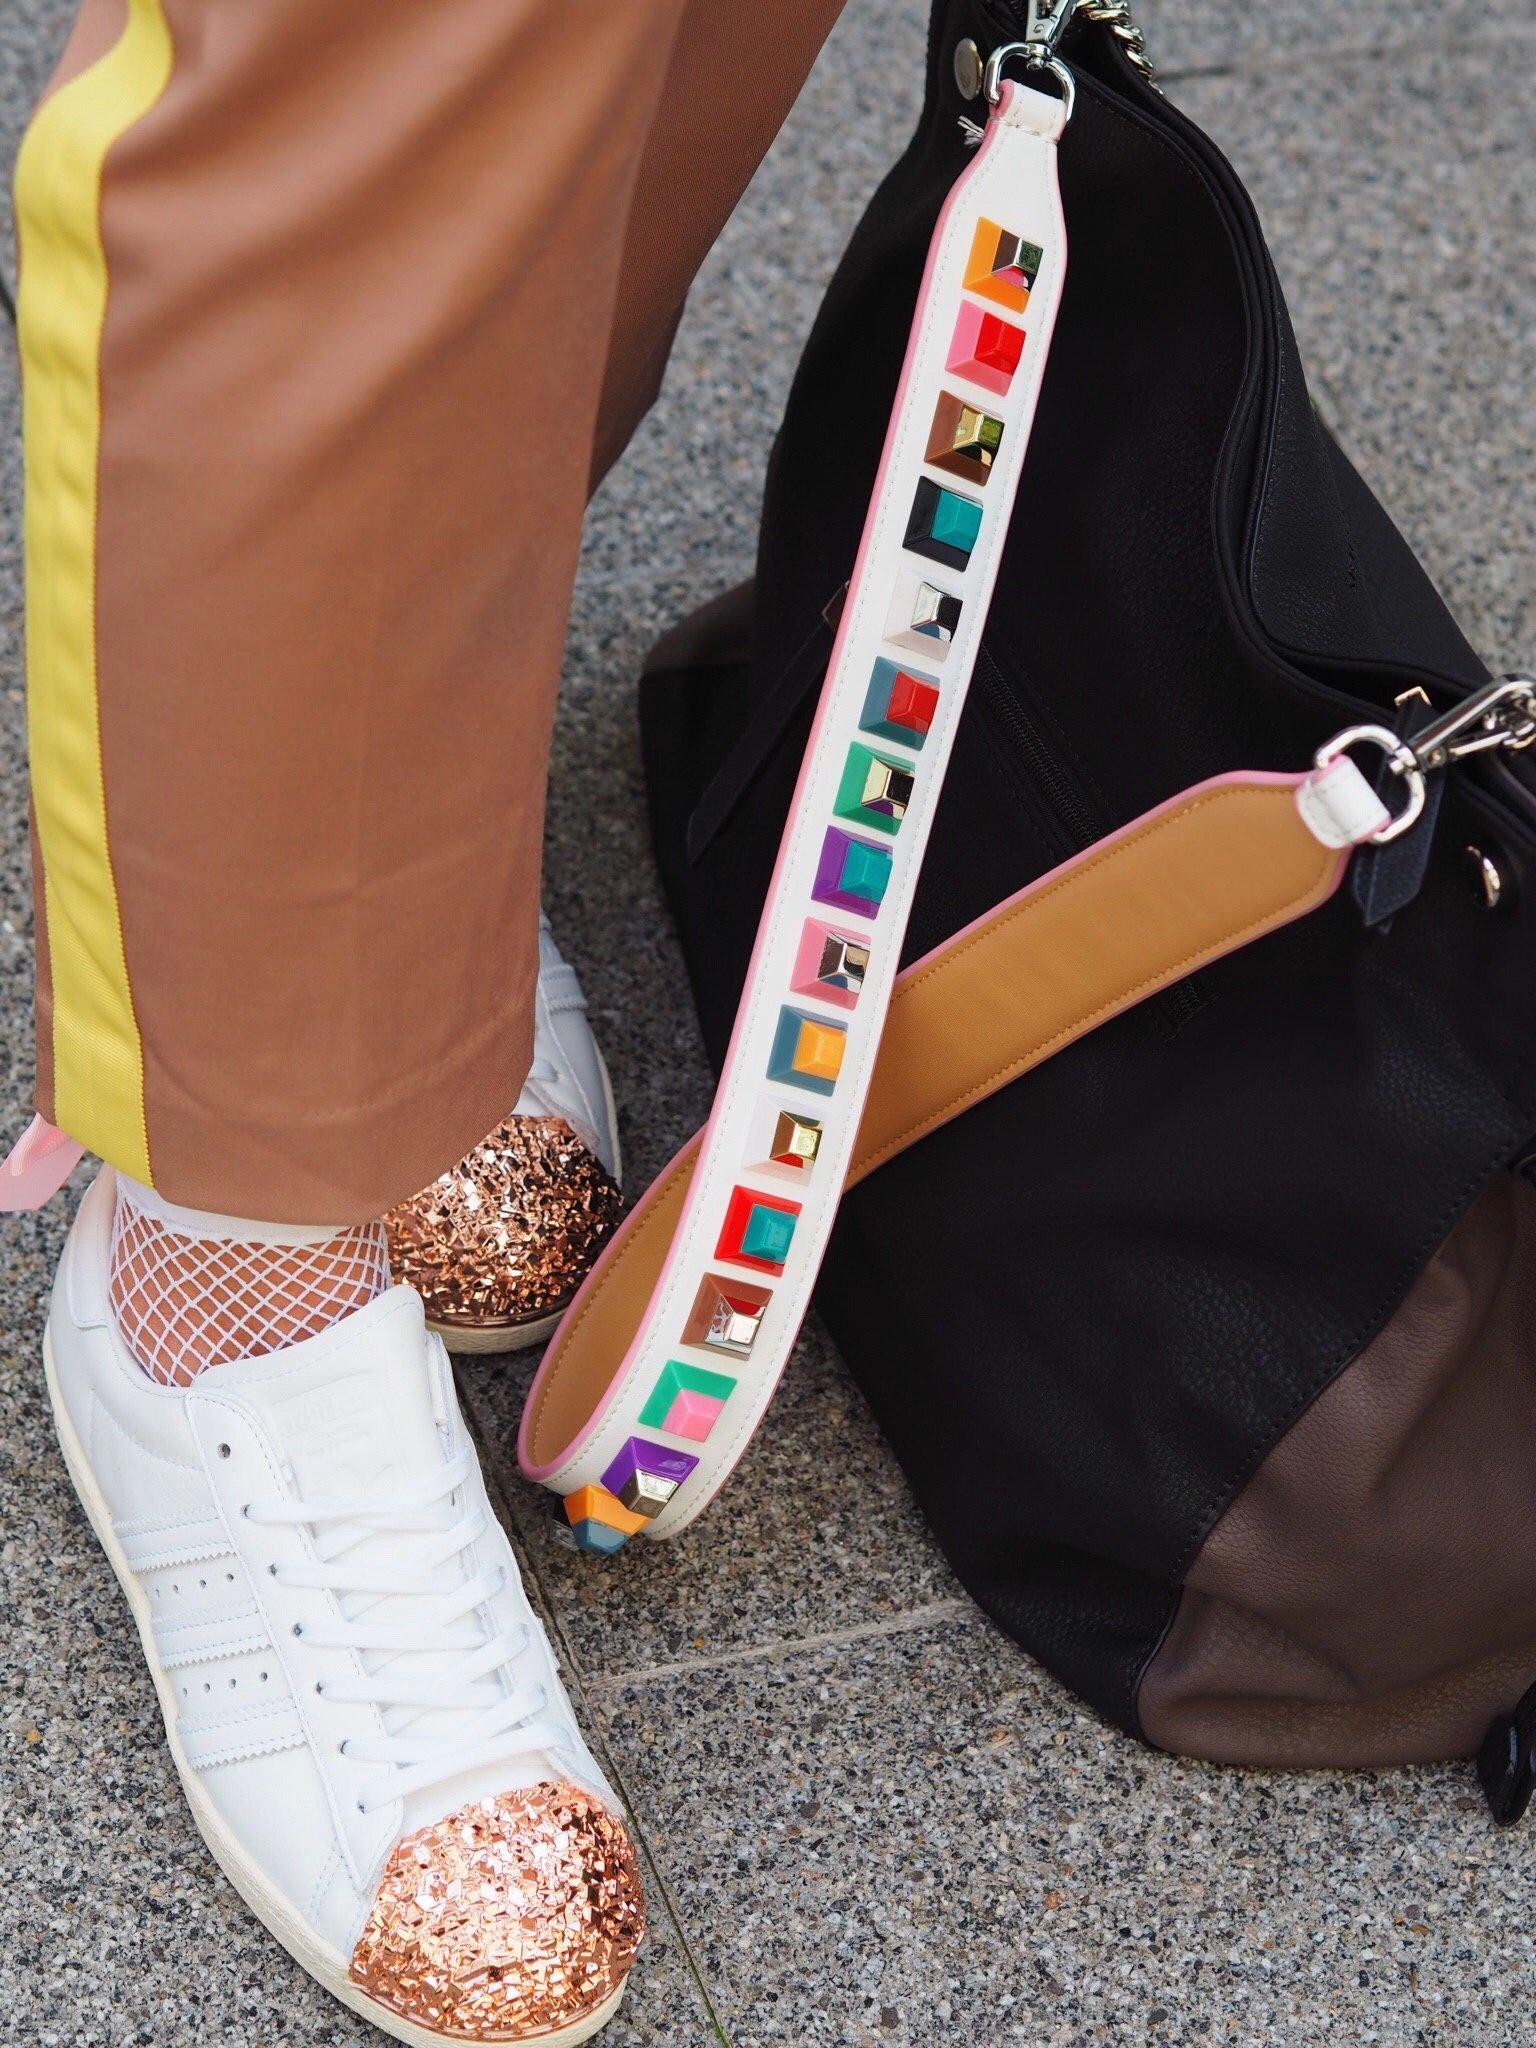 Heute zeige ich einen Sporty Candy Color Look mit Adidas Superstar 80s 3D Sneaker, einem Paul Hewitt Armband & einer Stella Bellucci Tasche mit Fendi Strap